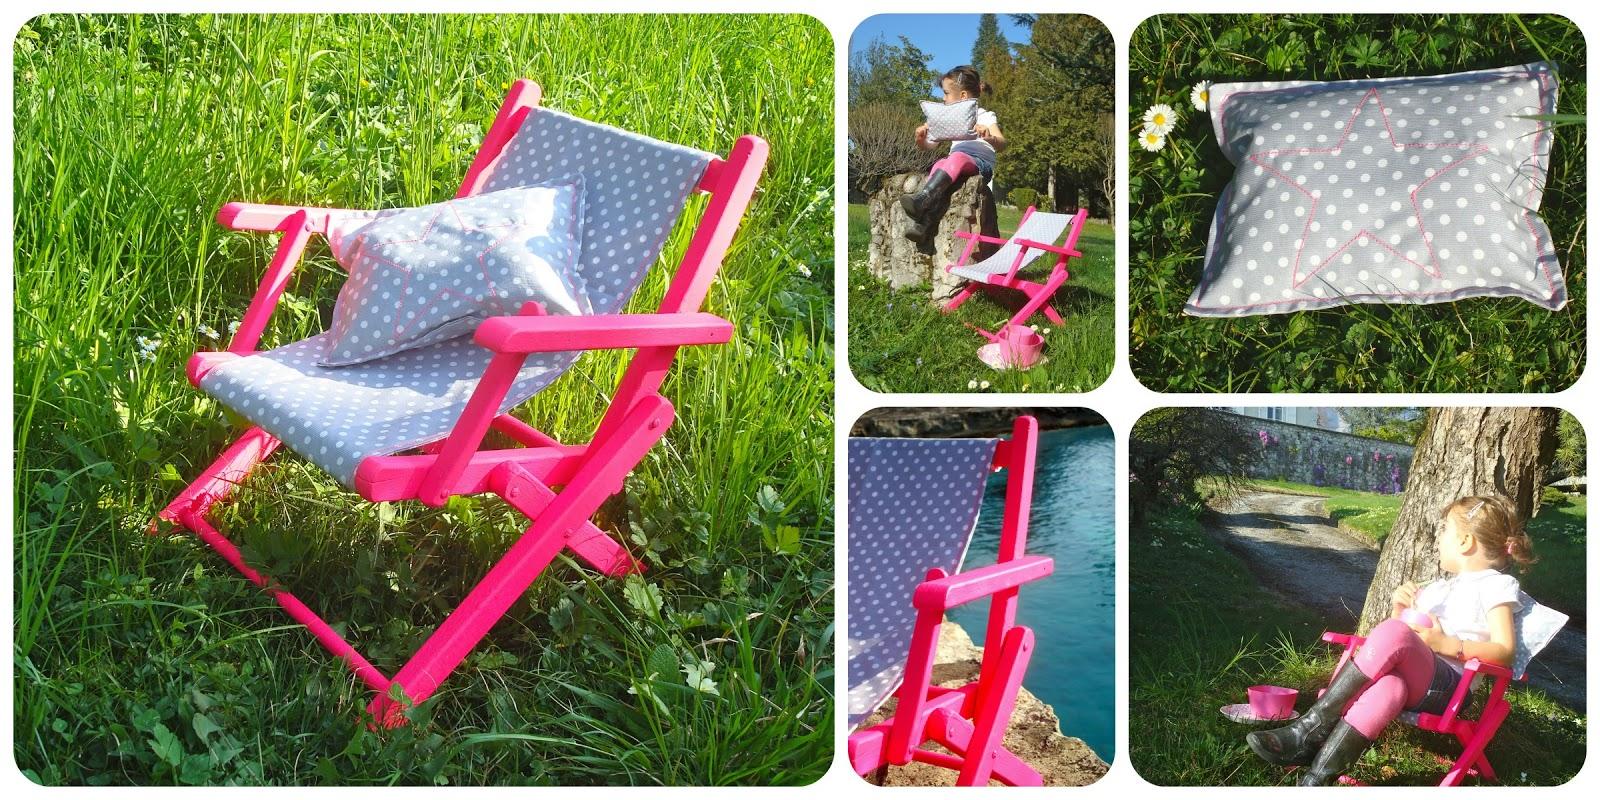 Tadaam transat fluo for Transat jardin rose